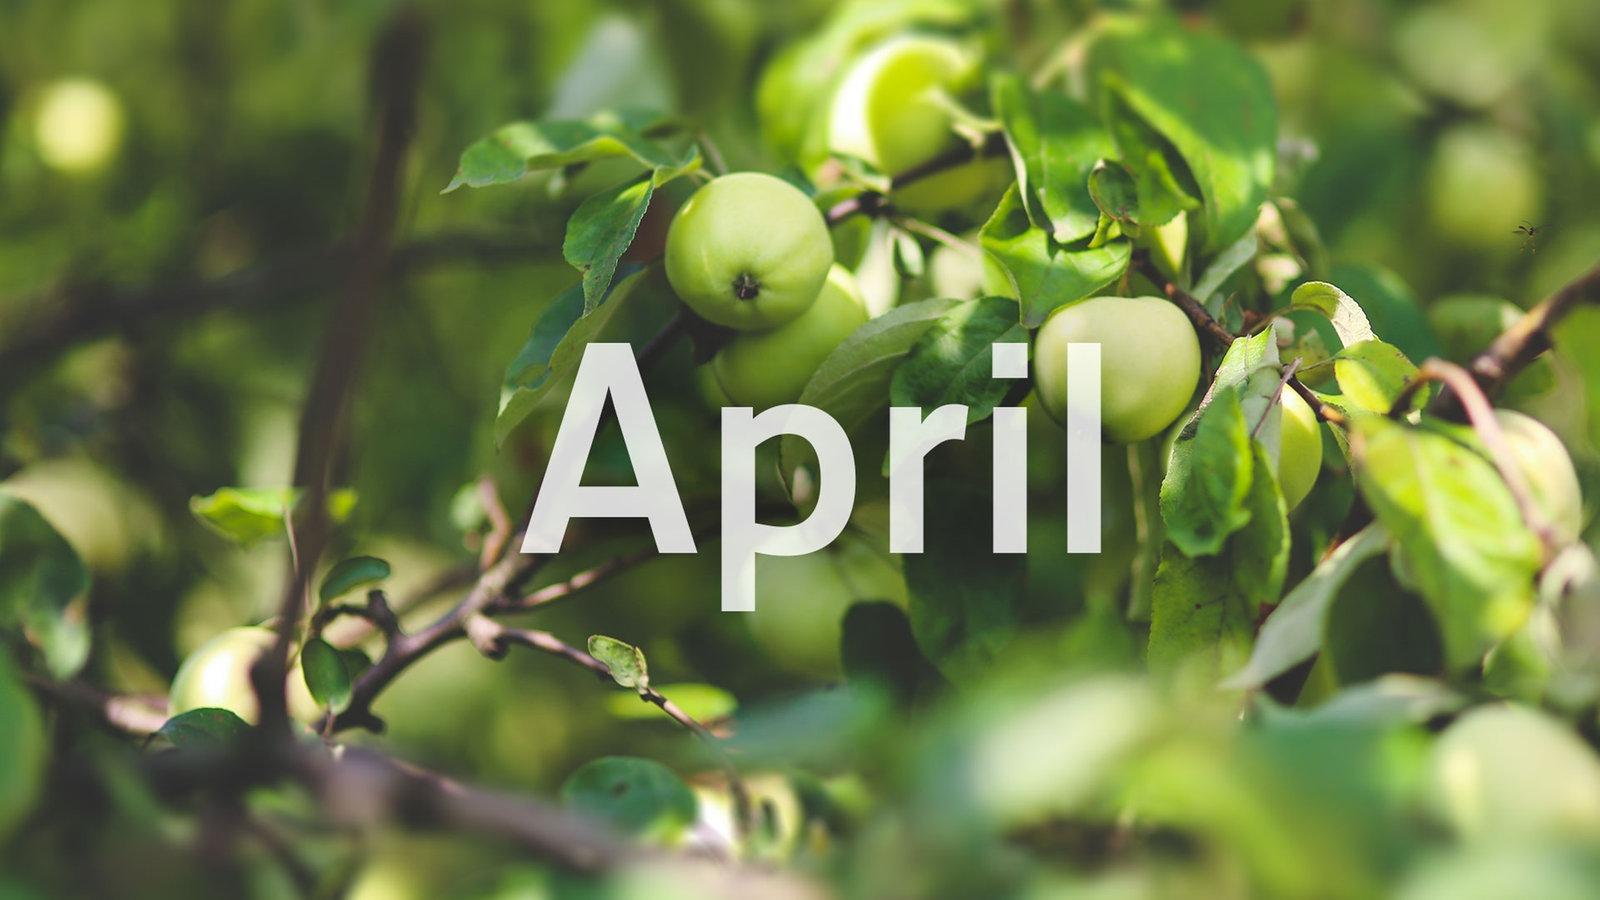 sendungskalender april 2017 kalender sendungen